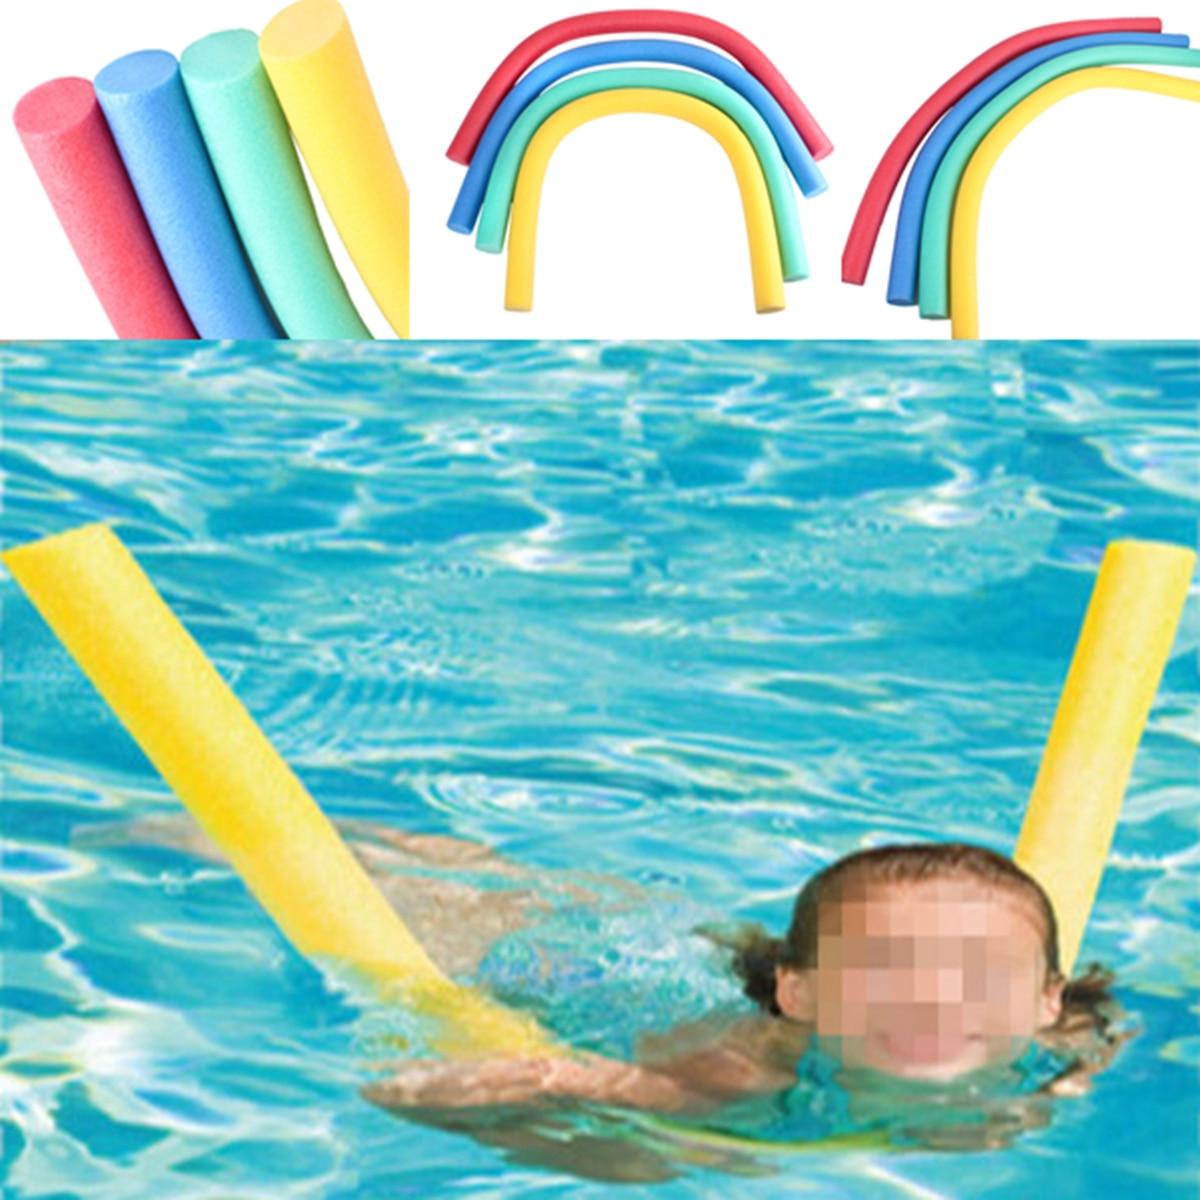 6x150cm Floating Flexible Kickboard Swimming Pool Noodle Swim Water Float